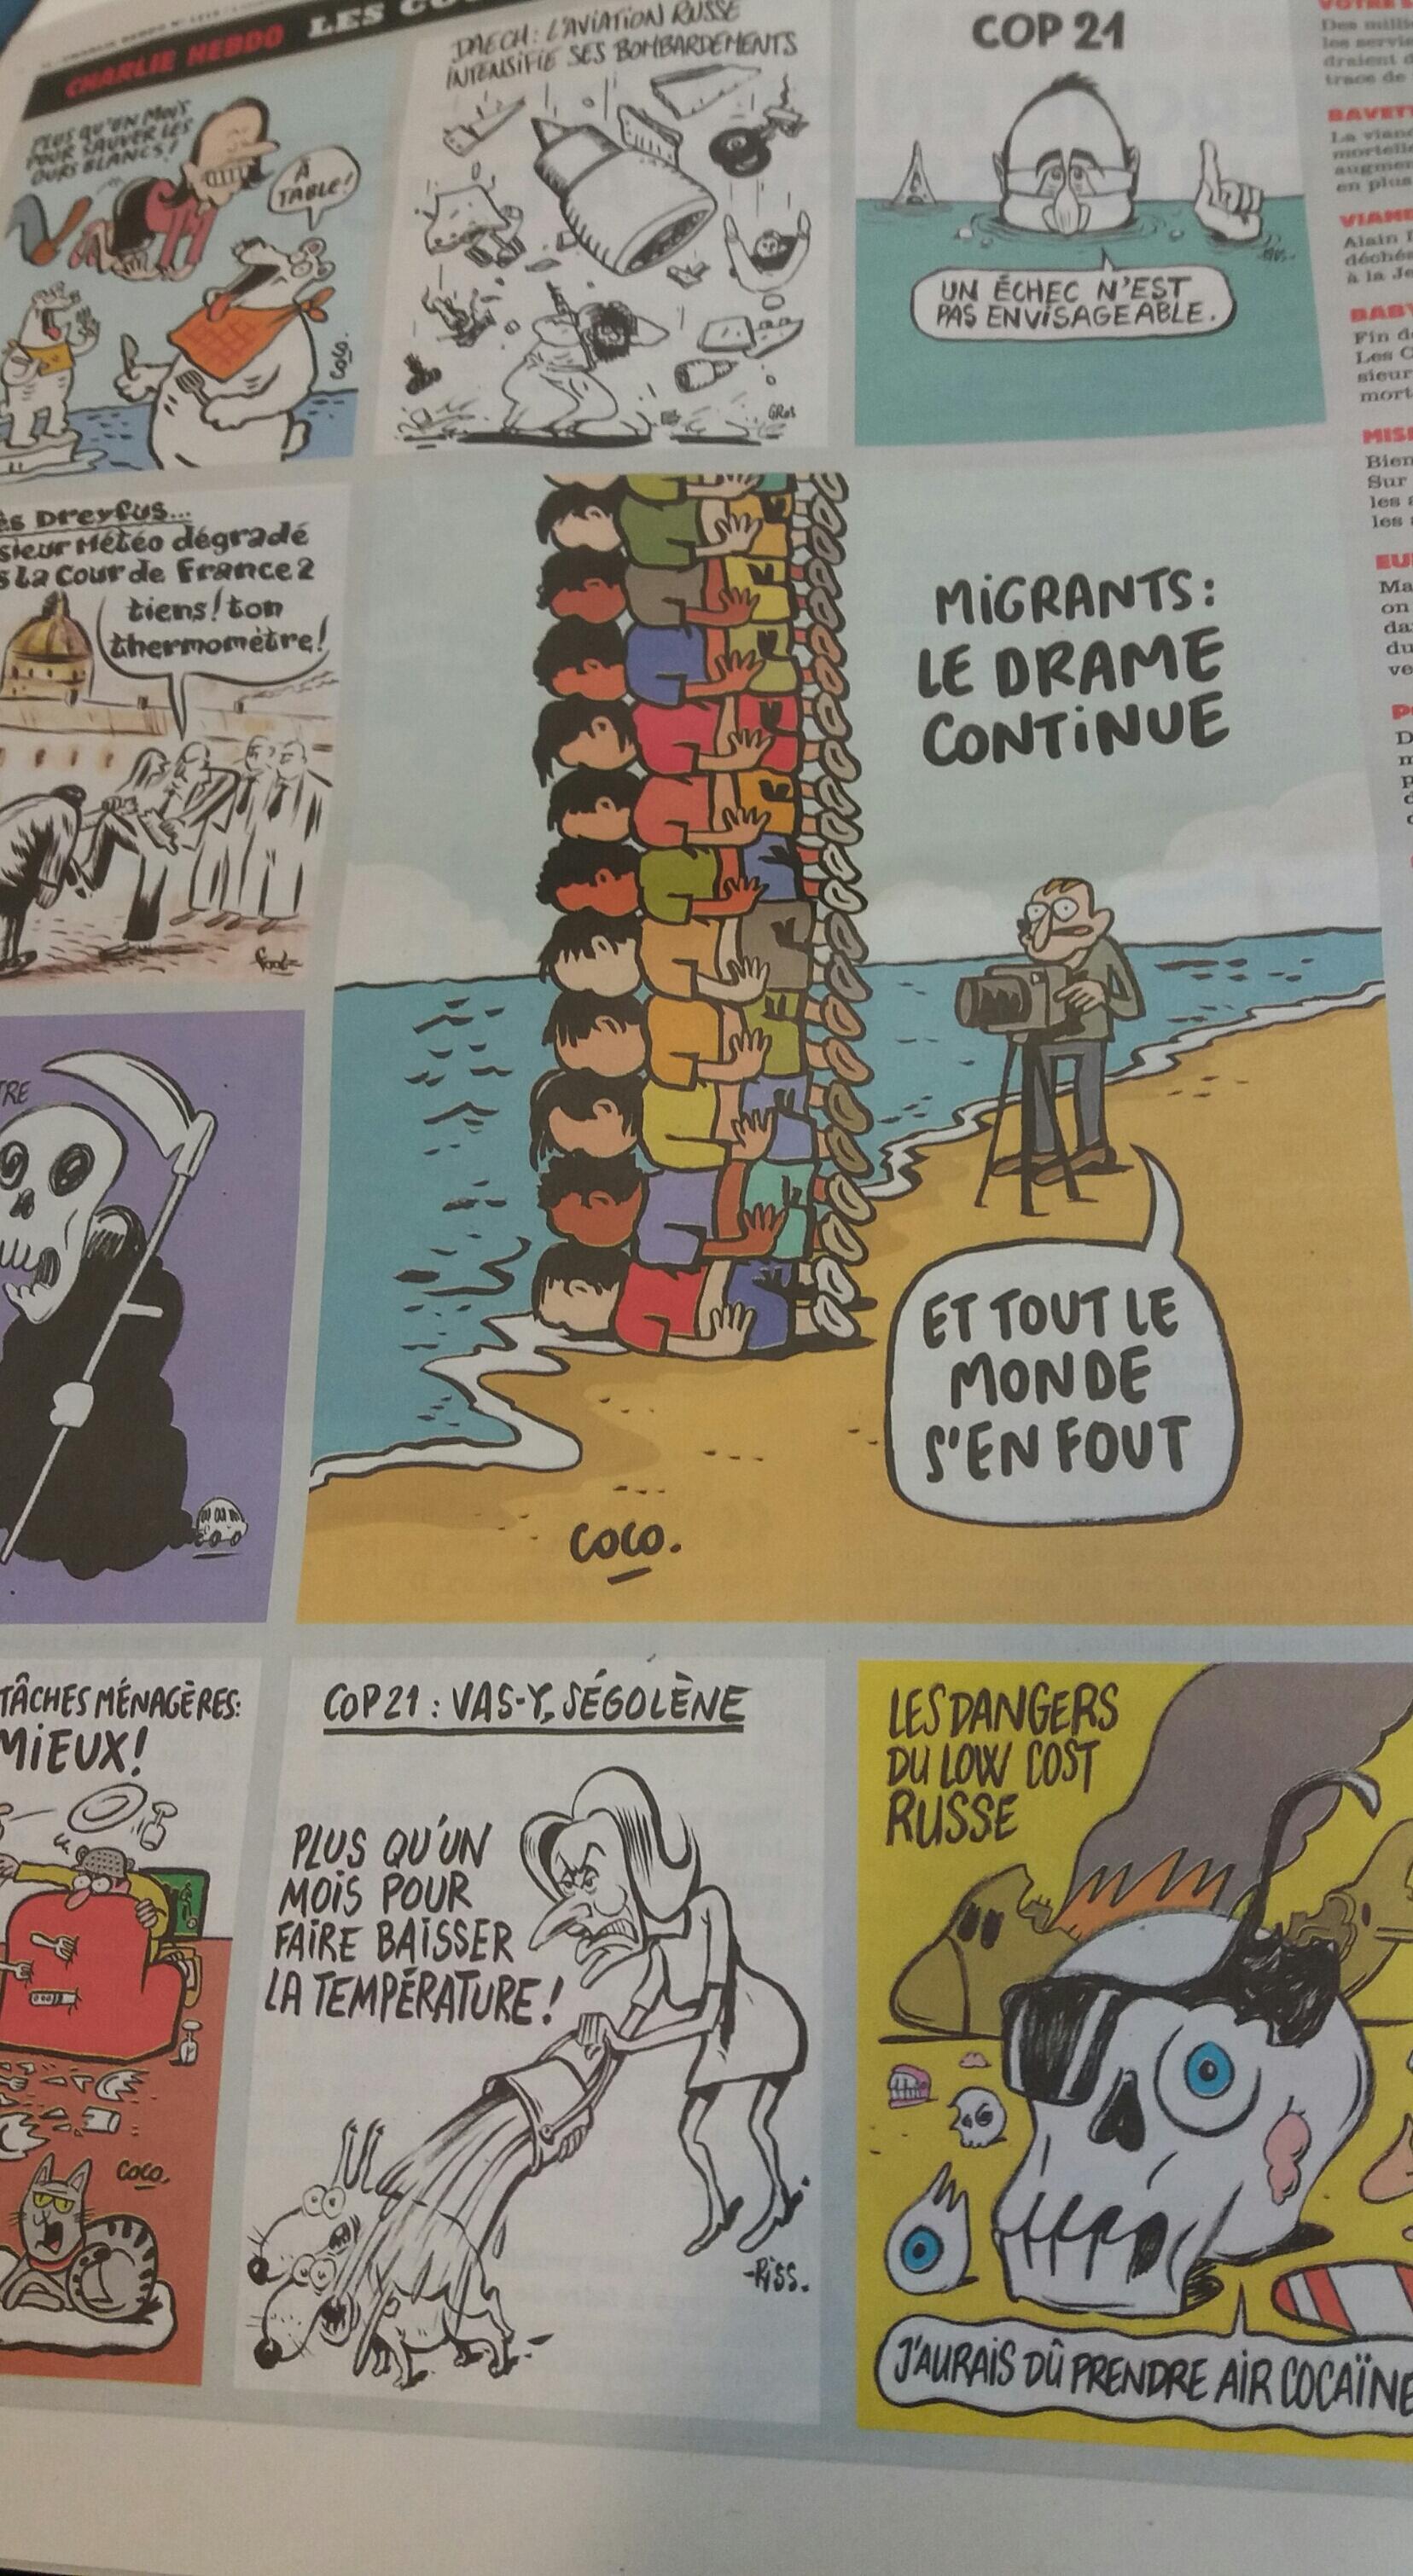 Последняя полоса Charlie Hebdo от 4 ноября 2015 года, где опубликованы две карикатуры на разбившийся А321